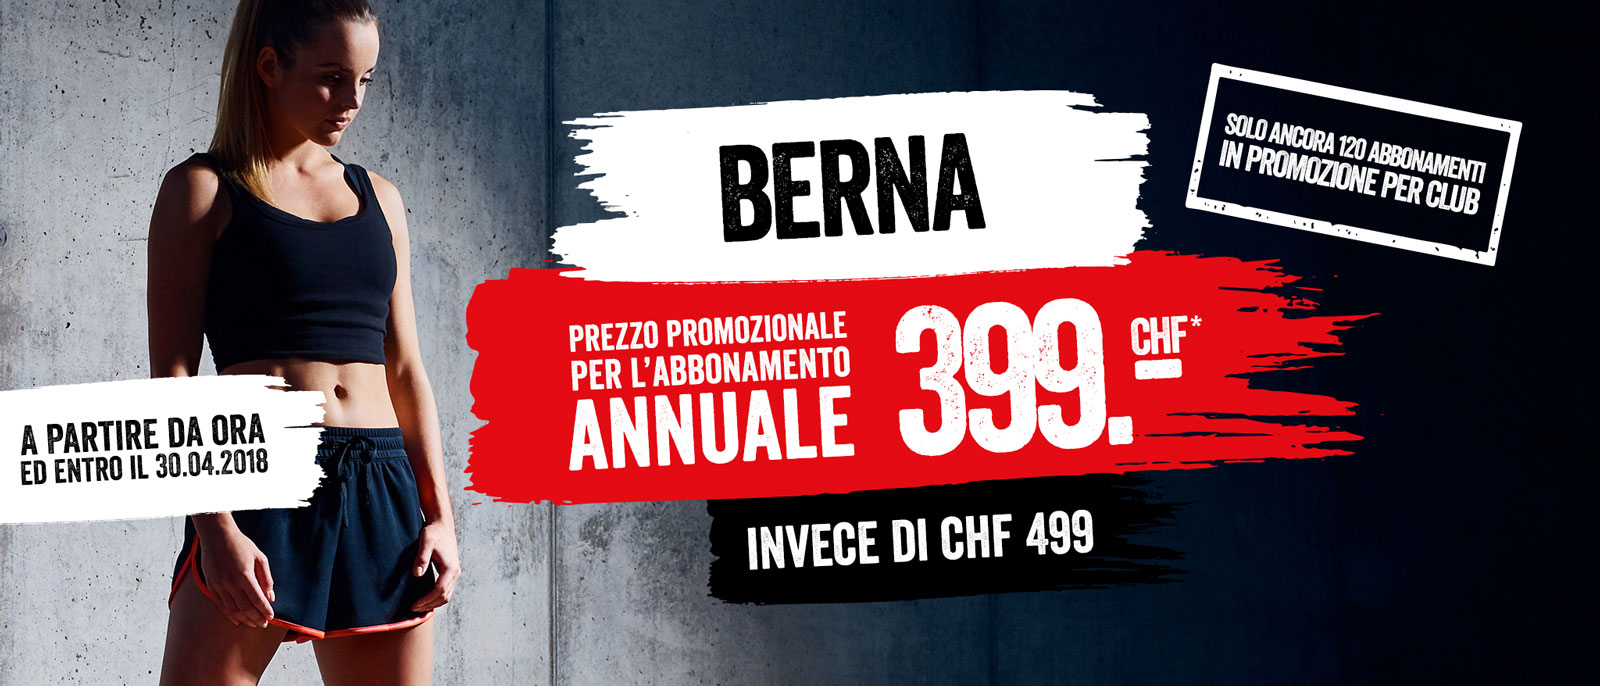 Abbonamento annuale CHF 399.- Berna